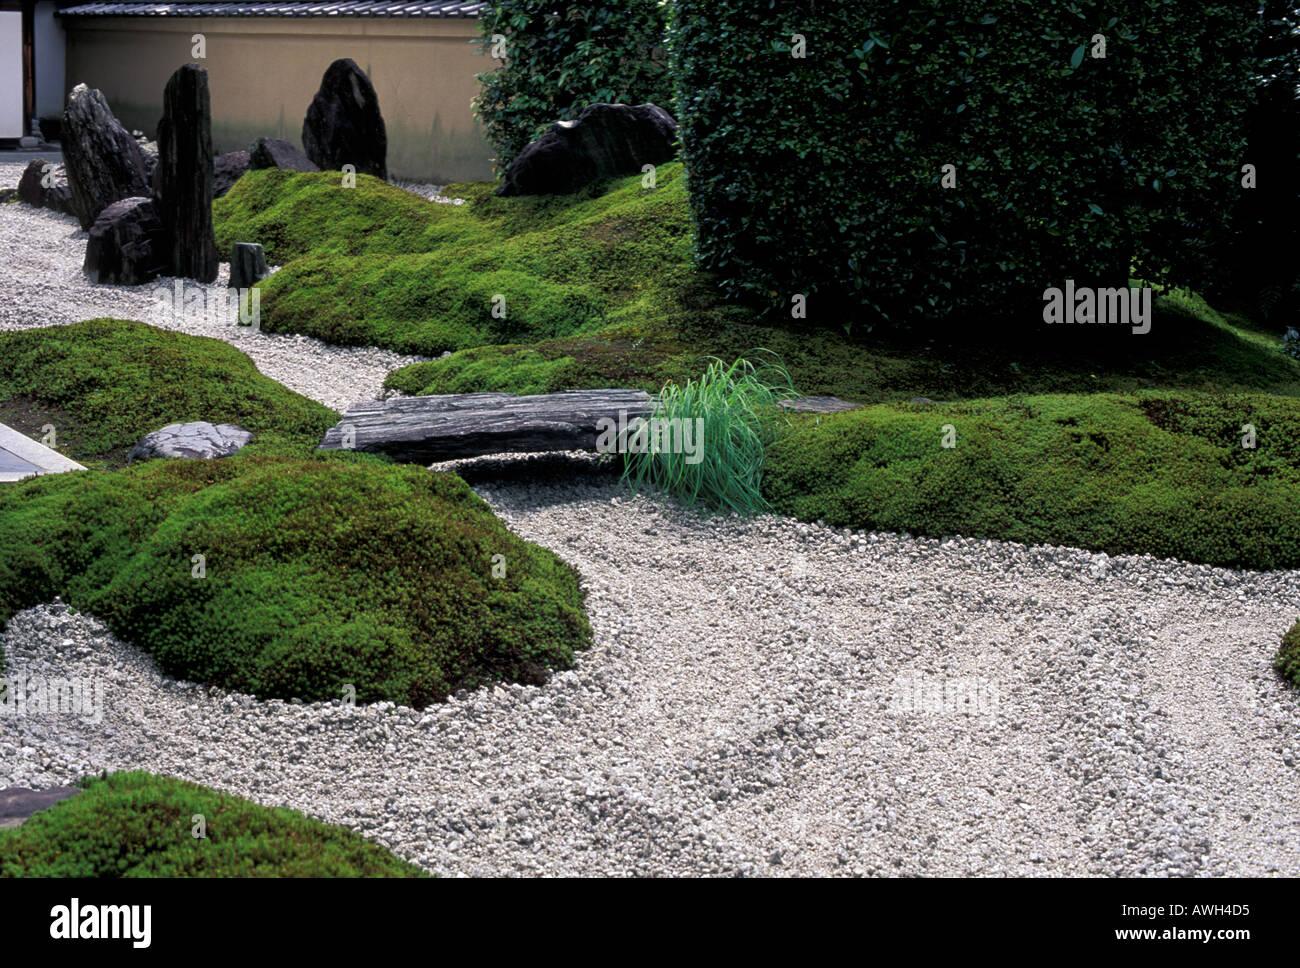 Zen garden of the Zuiho in Temple Kyoto Japan - Stock Image